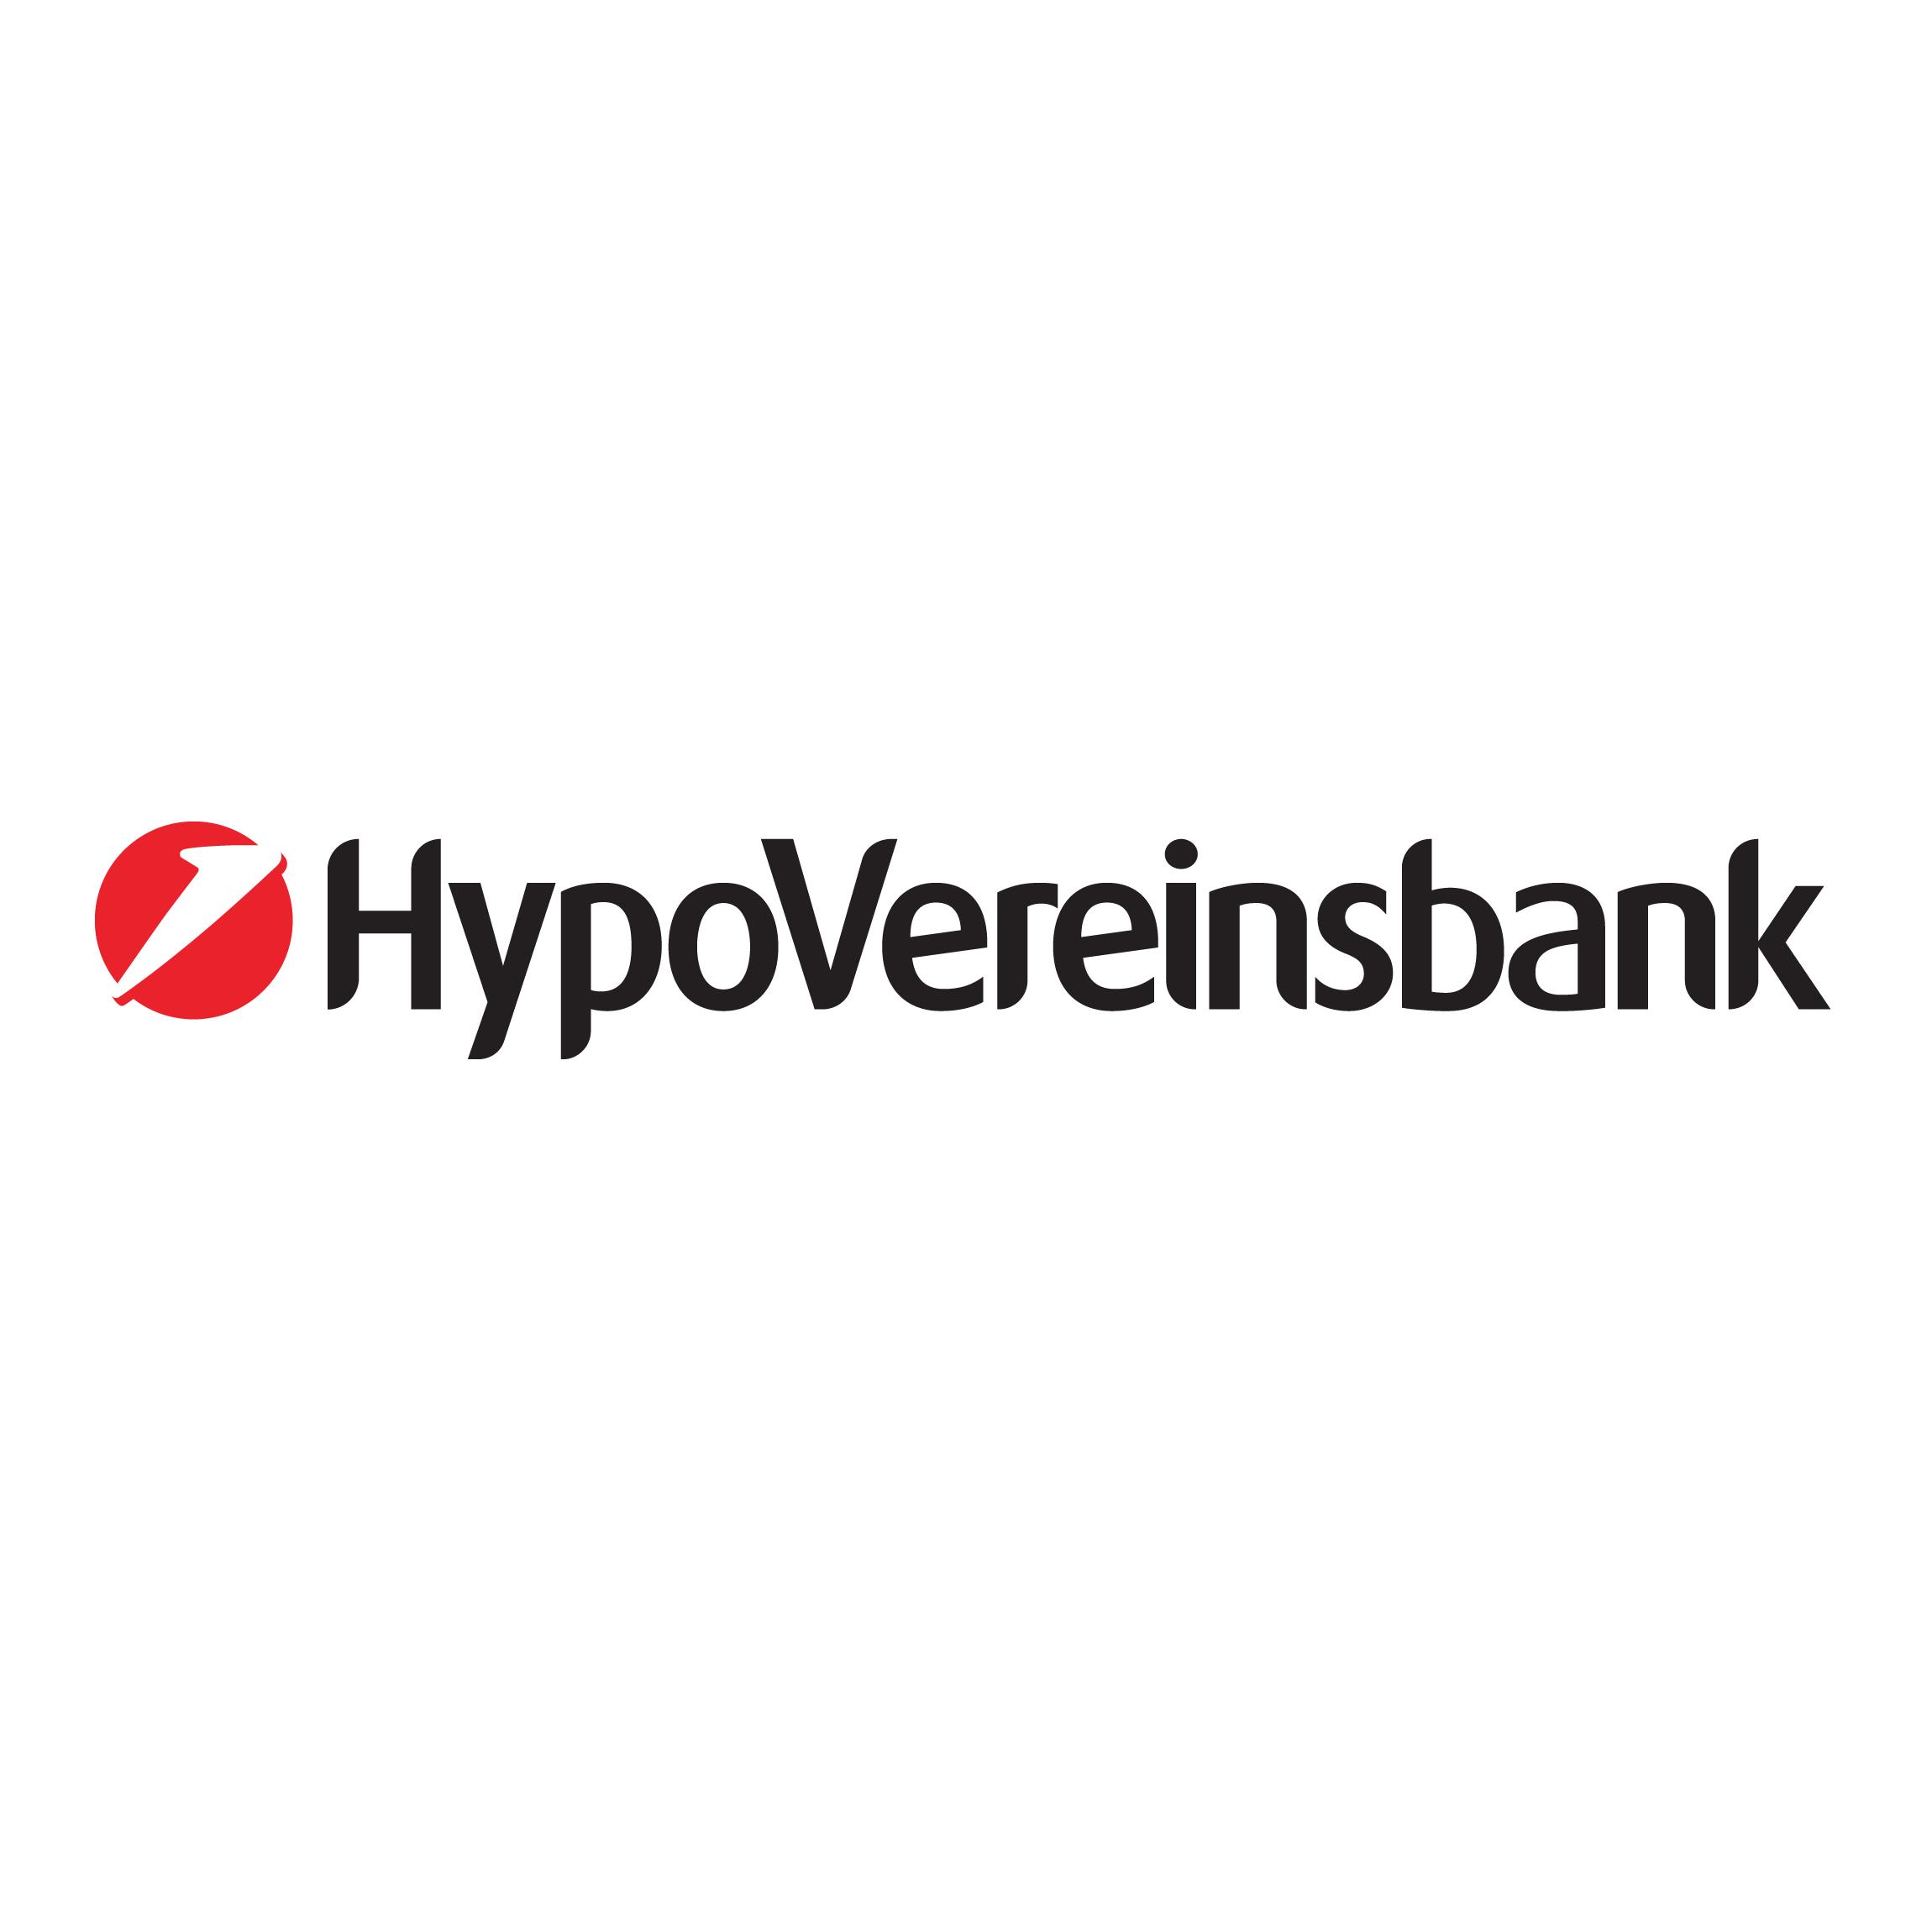 HypoVereinsbank Private Banking Düsseldorf